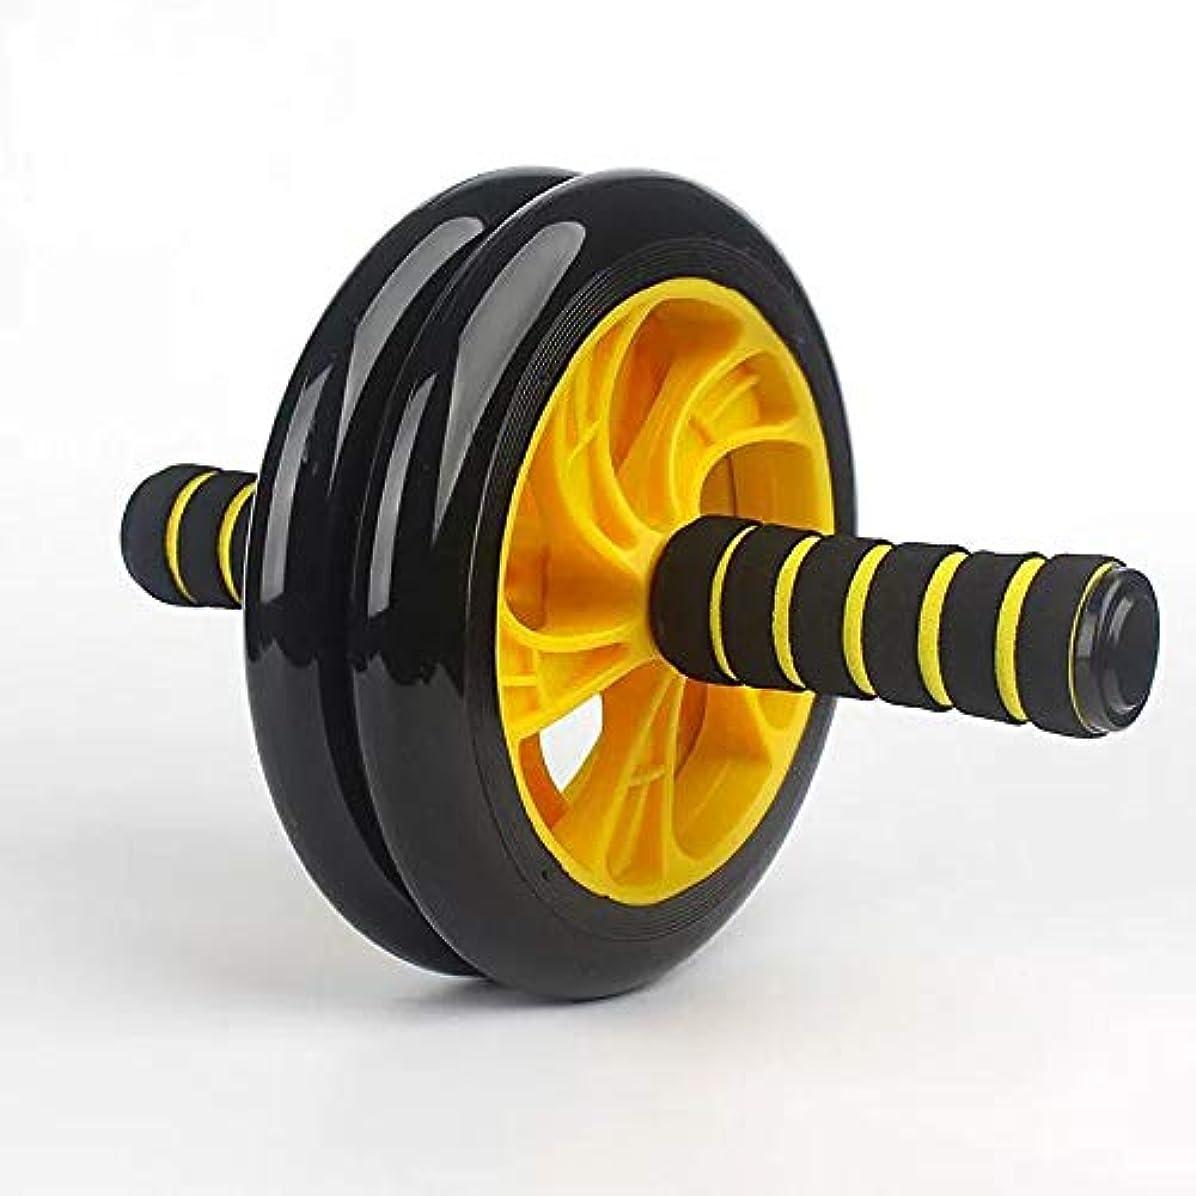 聴く経歴与えるダブルウィールローラー ABホイール エクササイズローラー スリムトレーナー 2輪腹筋ローラー 腹筋ホイール 自宅トレーニング アブホイール 筋肉トレーニング